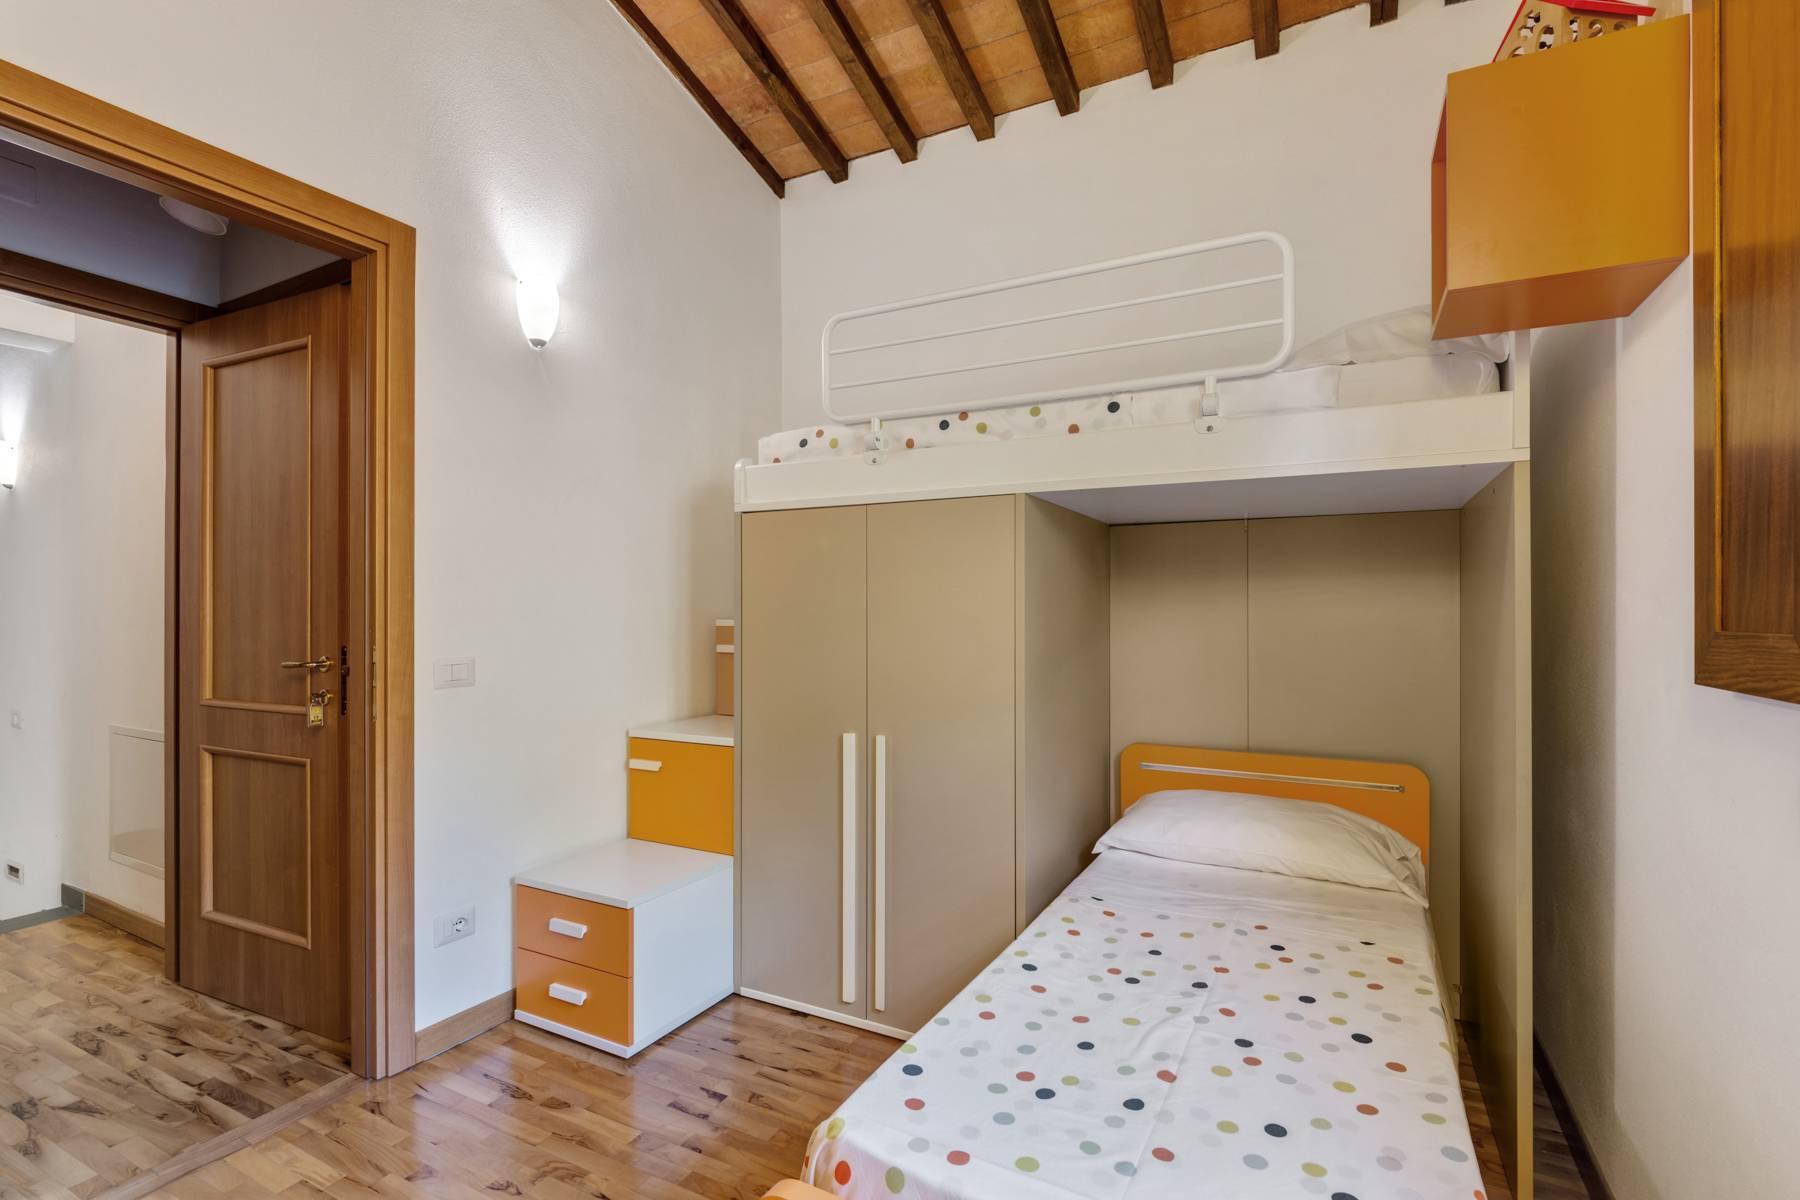 Charmante maison de campagne avec piscine sur les collines toscanes - 23